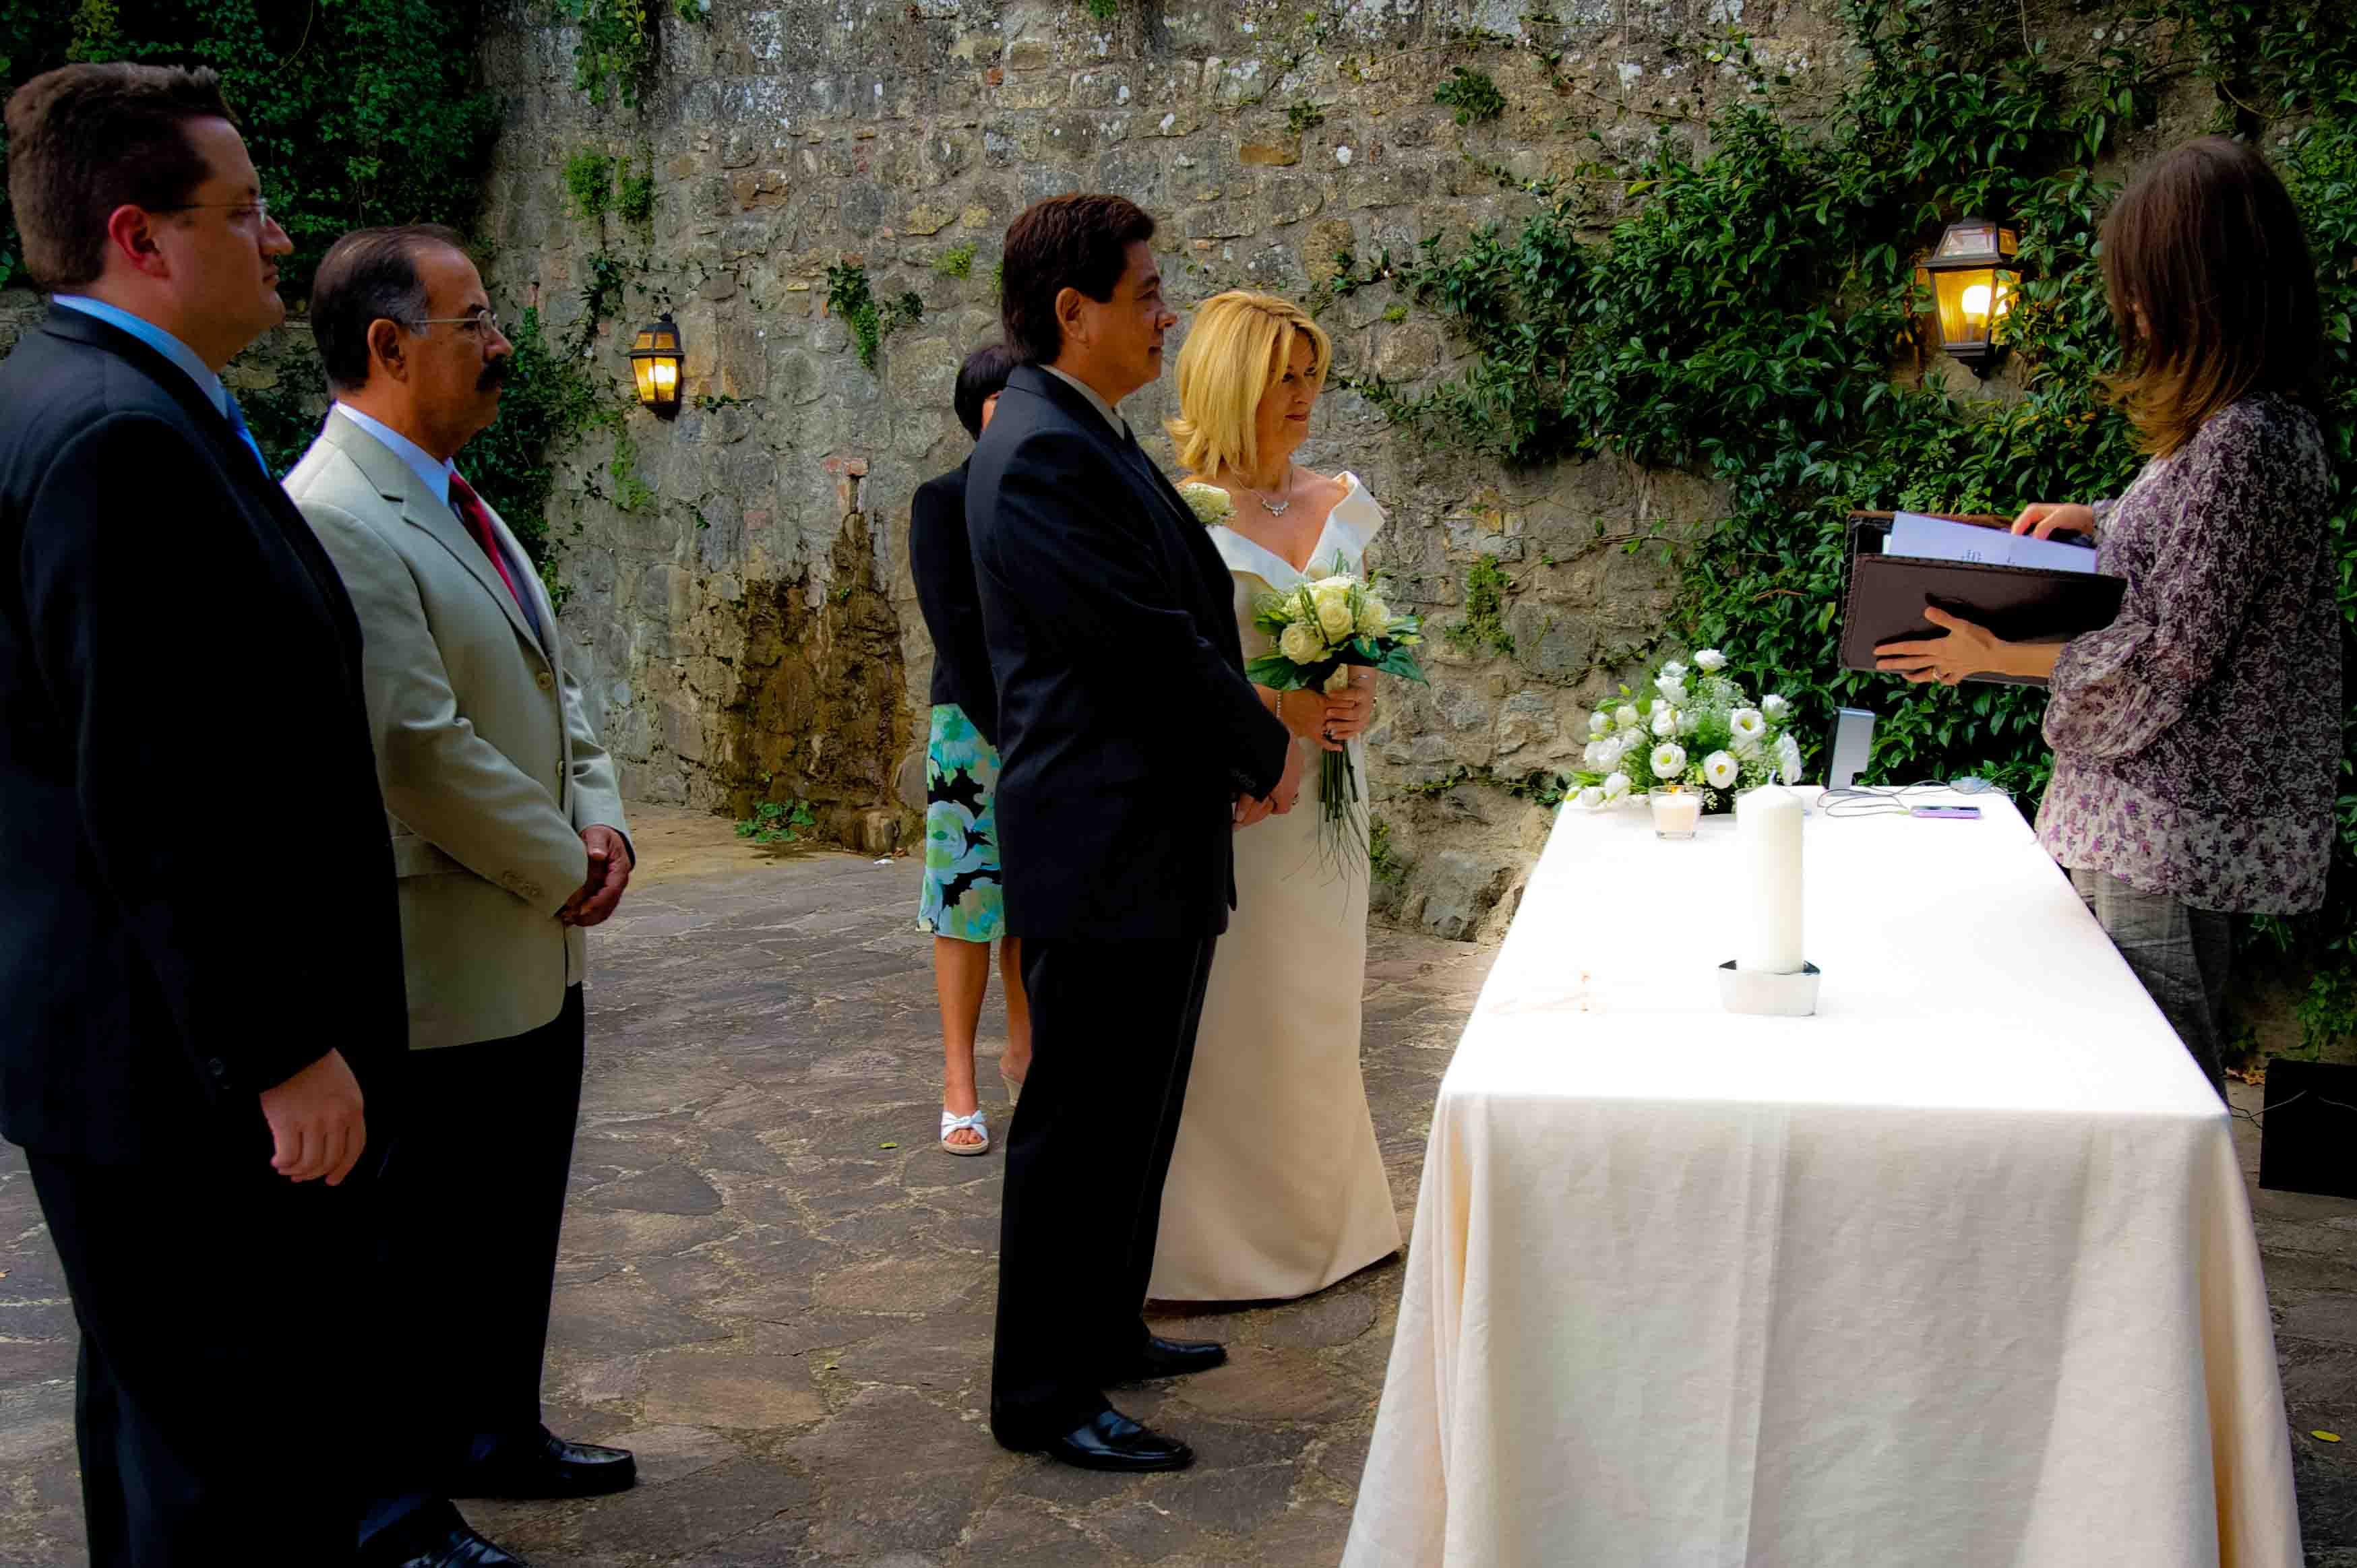 Certificato Matrimonio Simbolico : Servizi aggiuntivi per il matrimonio celebranti di